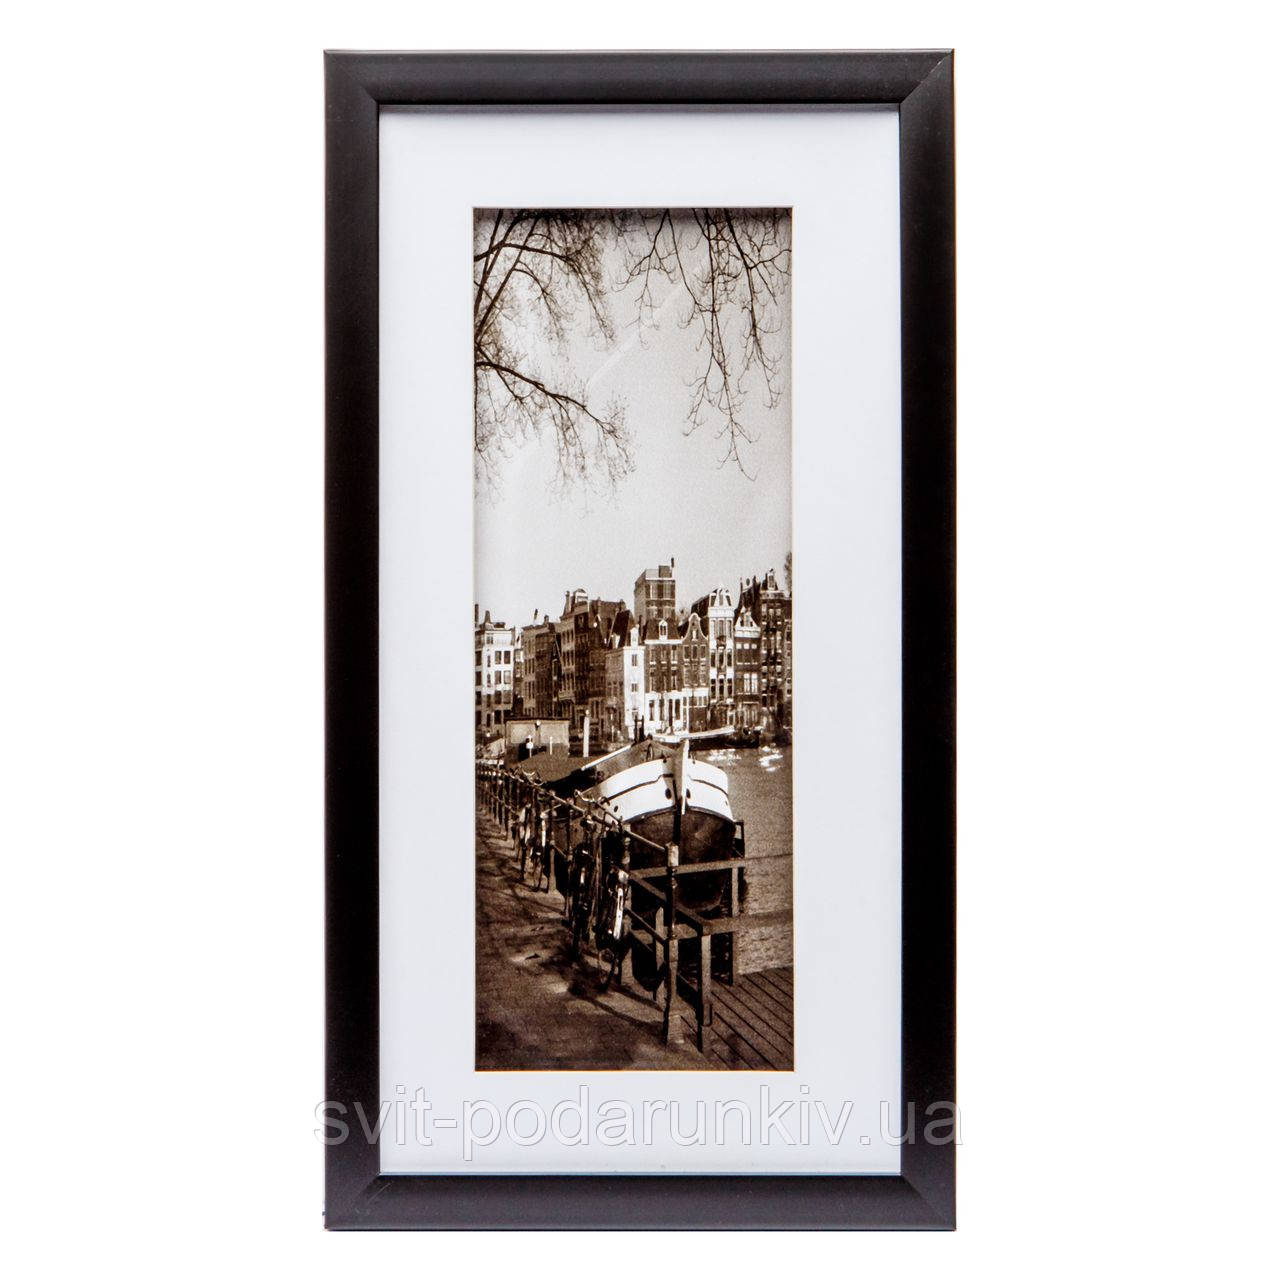 Картина в черно-белом ретро стиле 23*43 B-80-01 (черный)